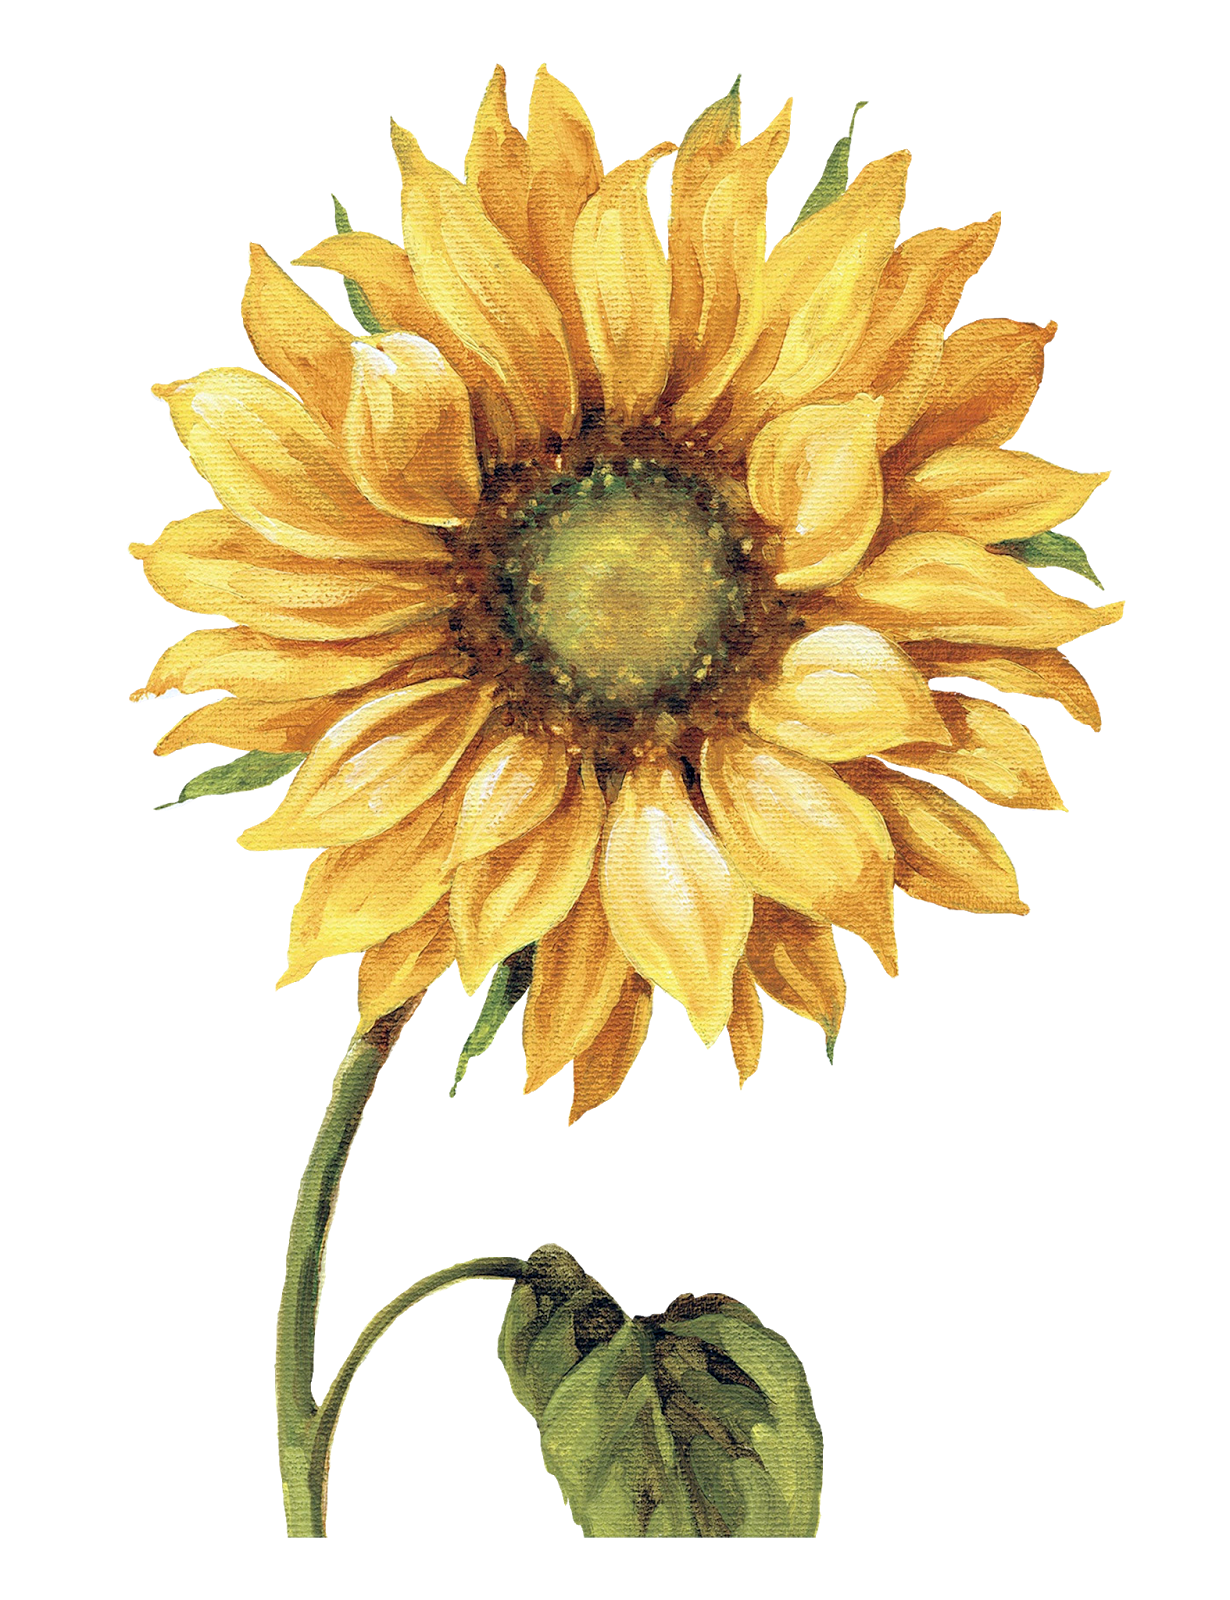 i ekler png. Painting clipart sunflower van gogh